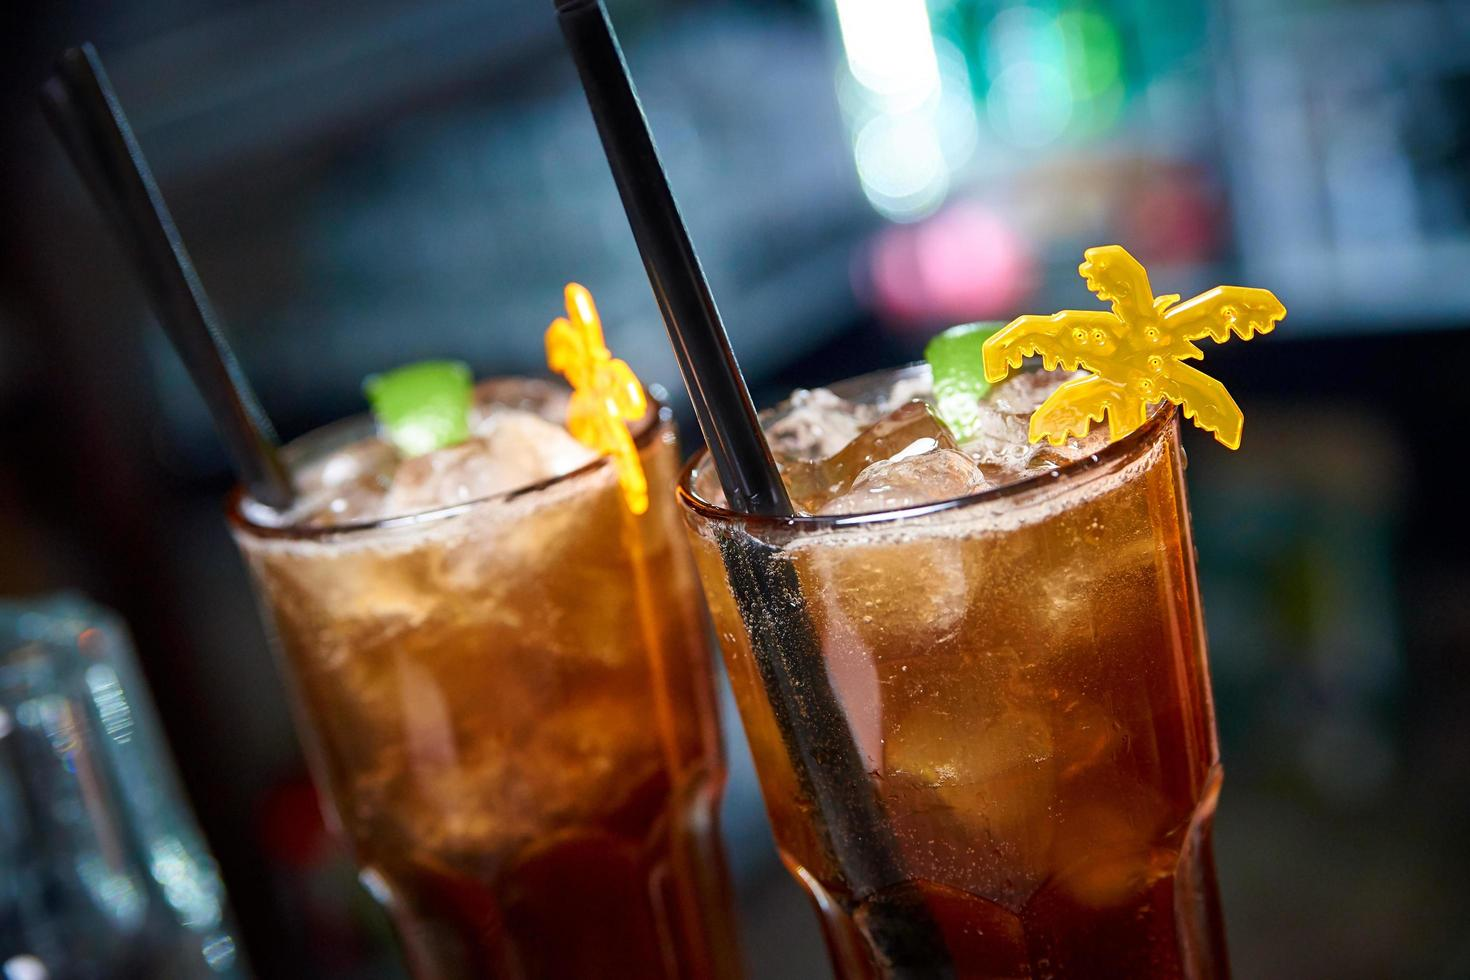 kalter Cocktail auf dunklem Hintergrund foto